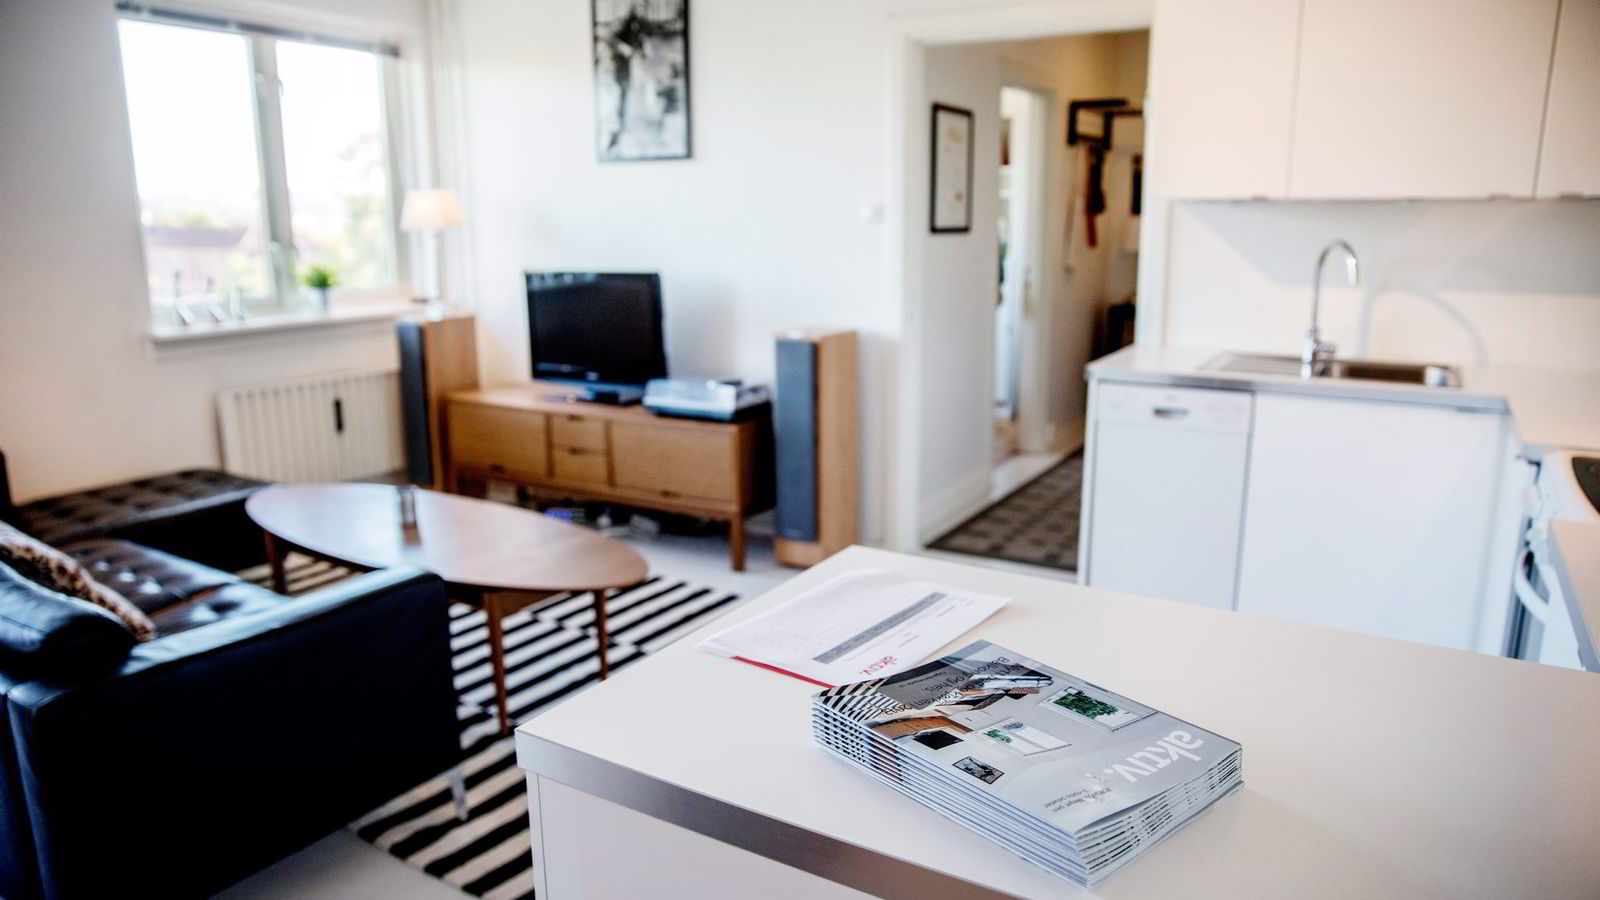 Prisantydningen på denne leiligheten på Torshov i Oslo ble oppjustert fra tre til 3,3 millioner kroner. Onsdag ble den solgt for 3,7 millioner. Foto: Per Thrana